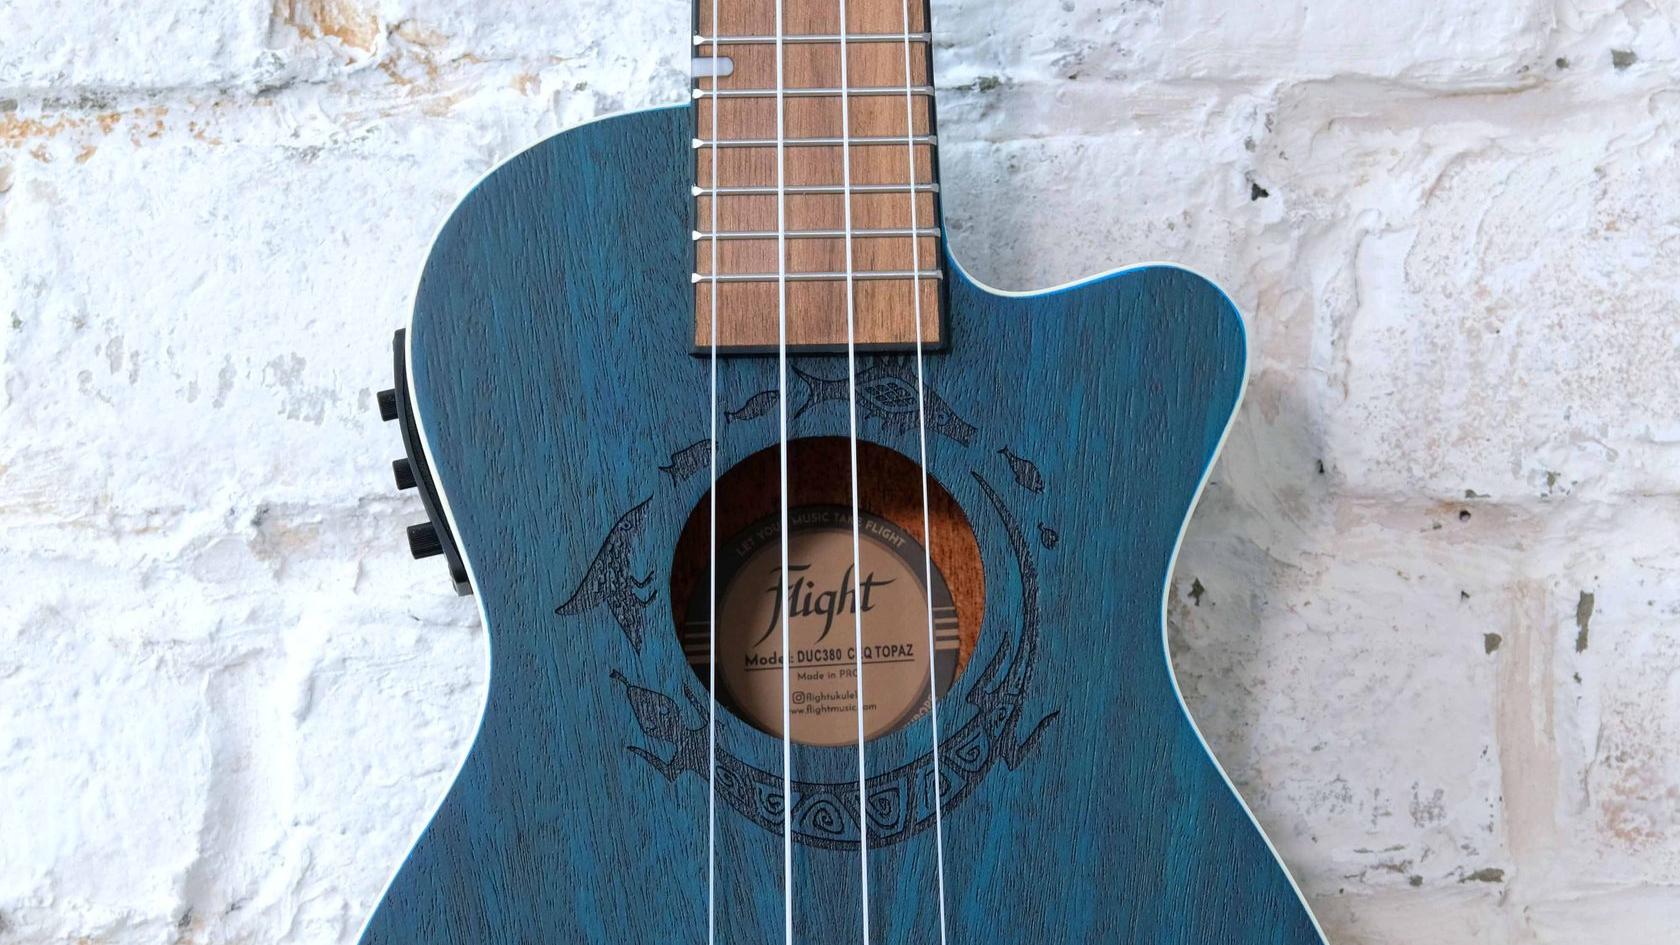 электроакустическая укулеле концерт Flight с фирменным чехлом в комплекте в магазине укулеле Ukelovers, ukulele concert, укулела